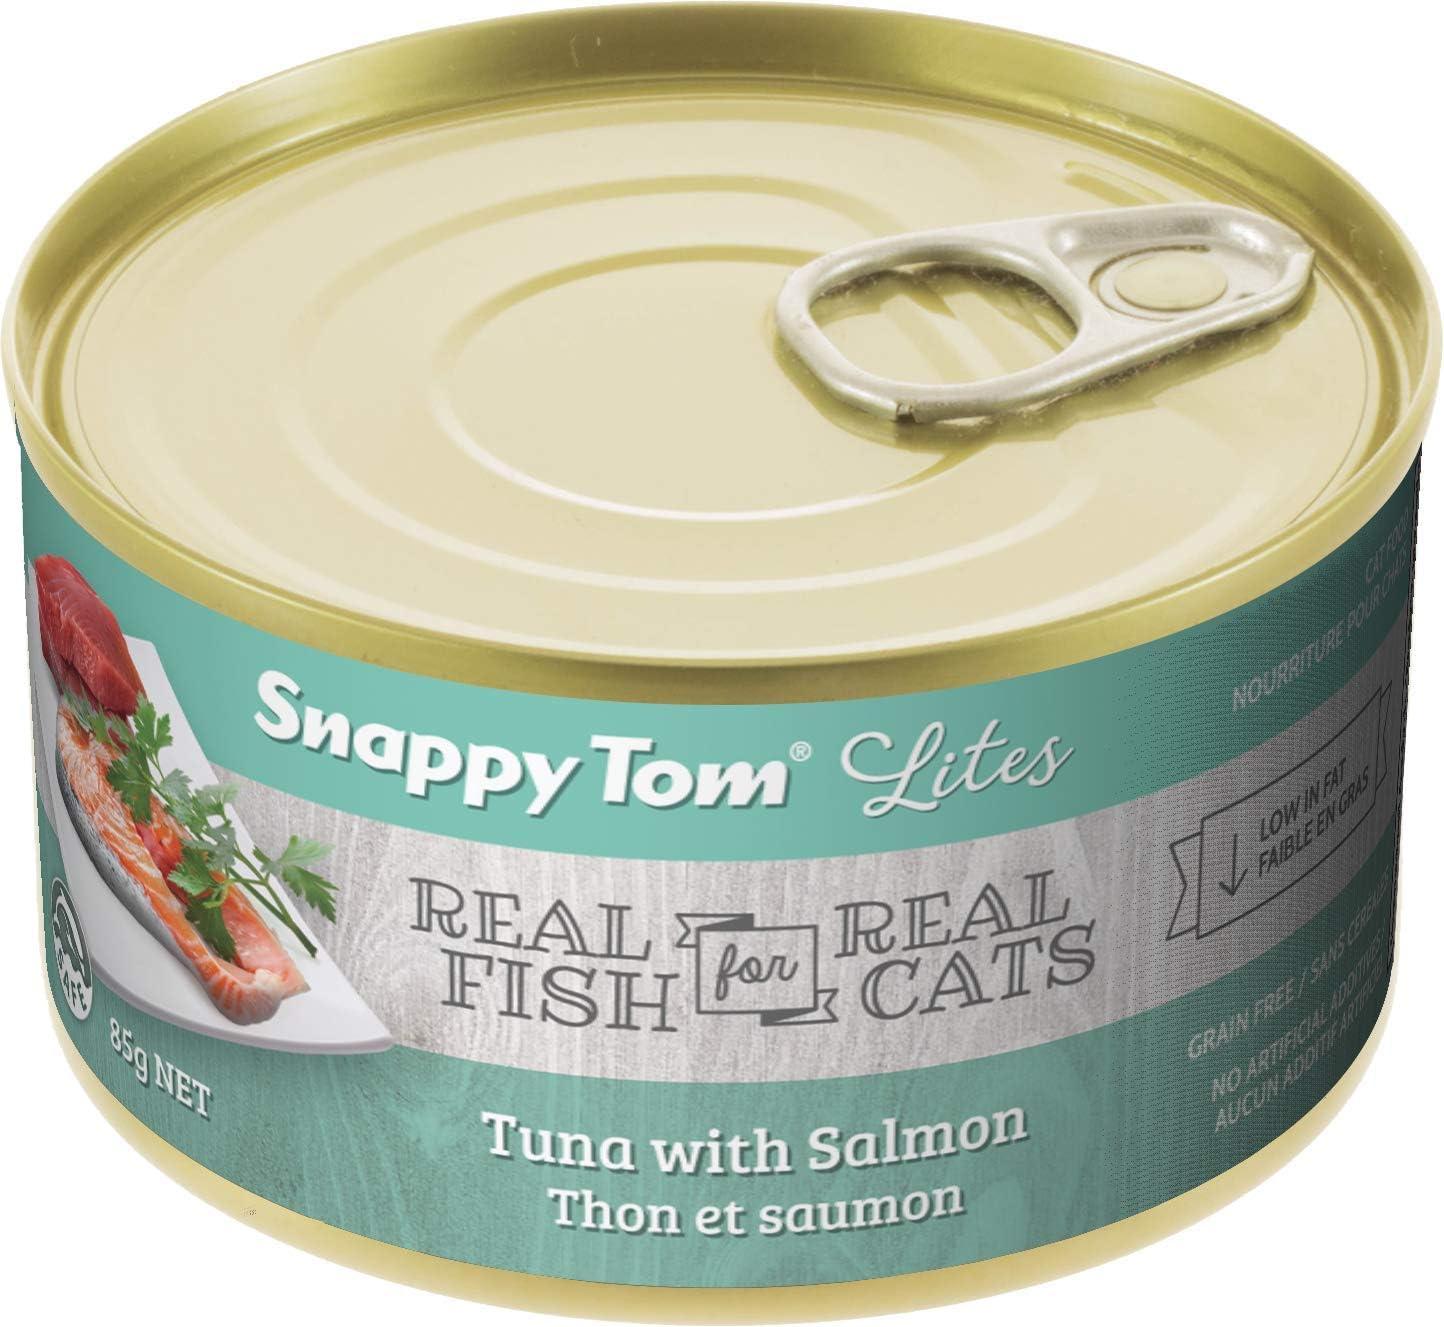 Snappy Tom Lites